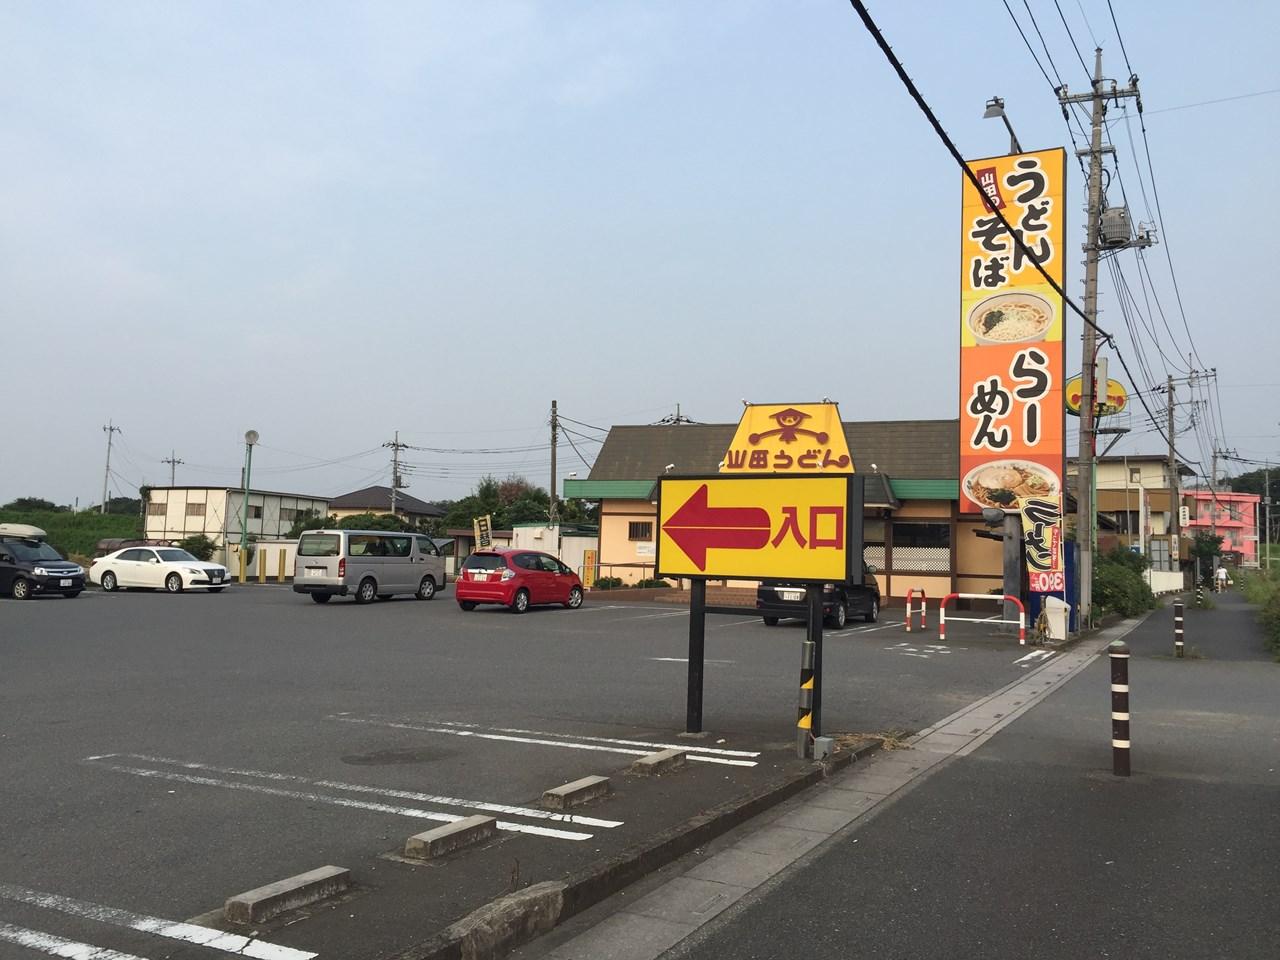 20170826_Arakawa Long Run (1)